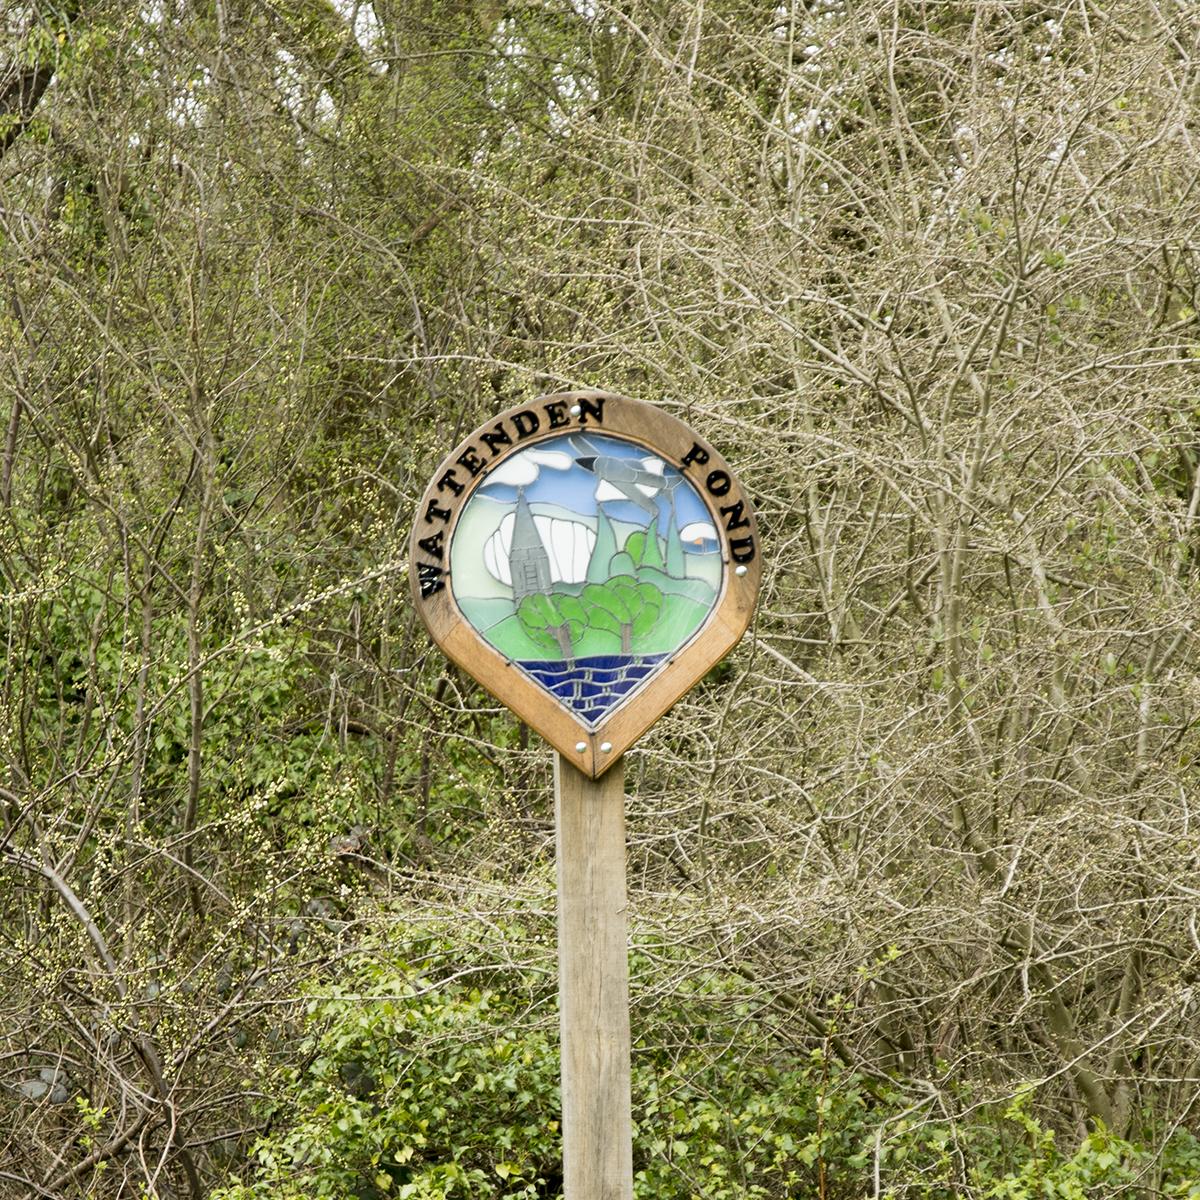 20170323_Croydon_Wattenden-Pond_Landscape_Winter_Wattenden-Pond-Sign